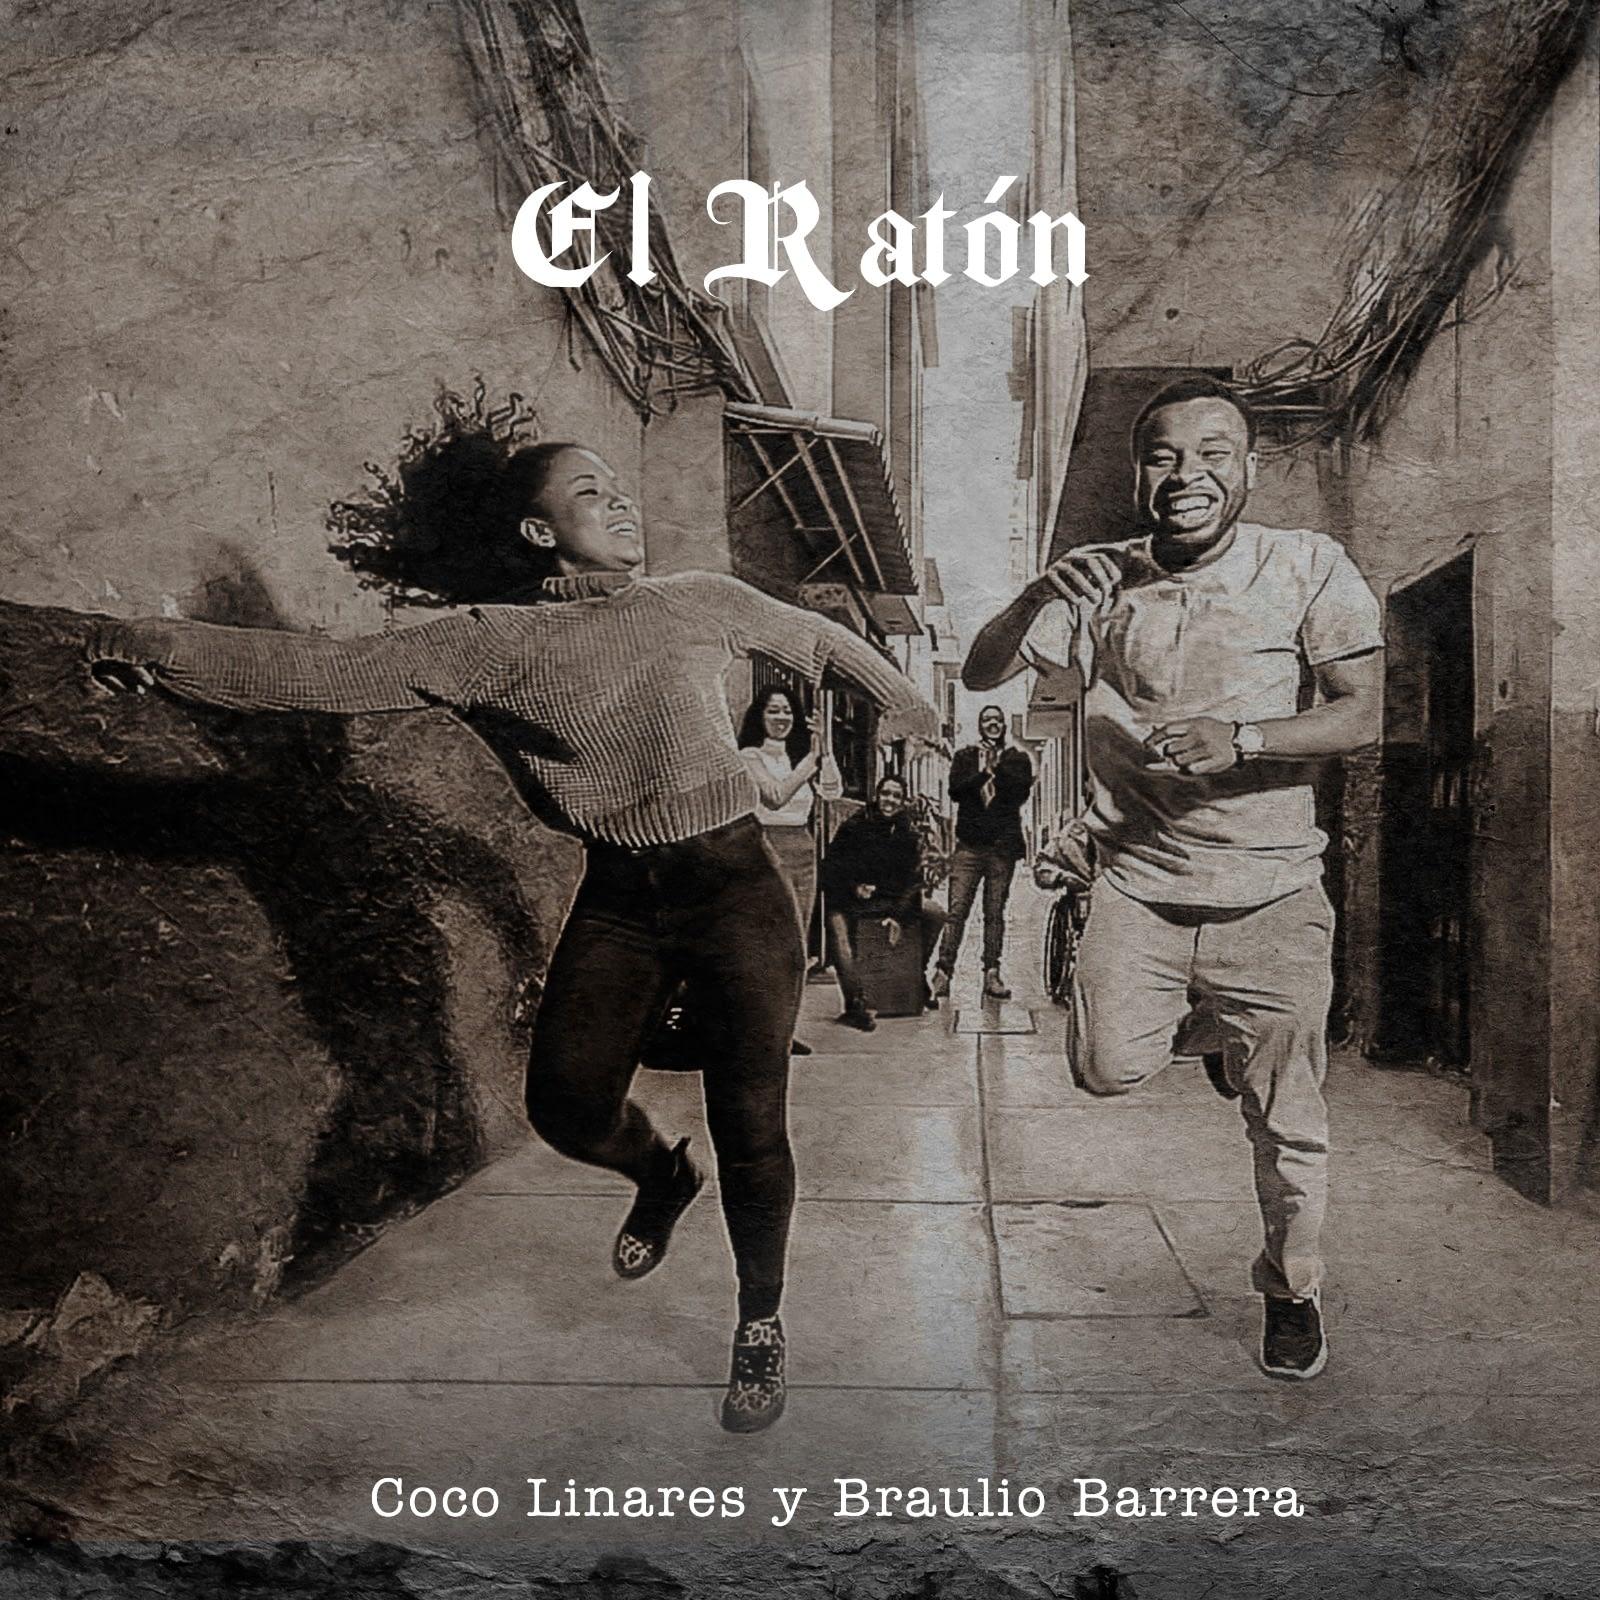 El Ratón - Coco Linares & Braulio Barrera